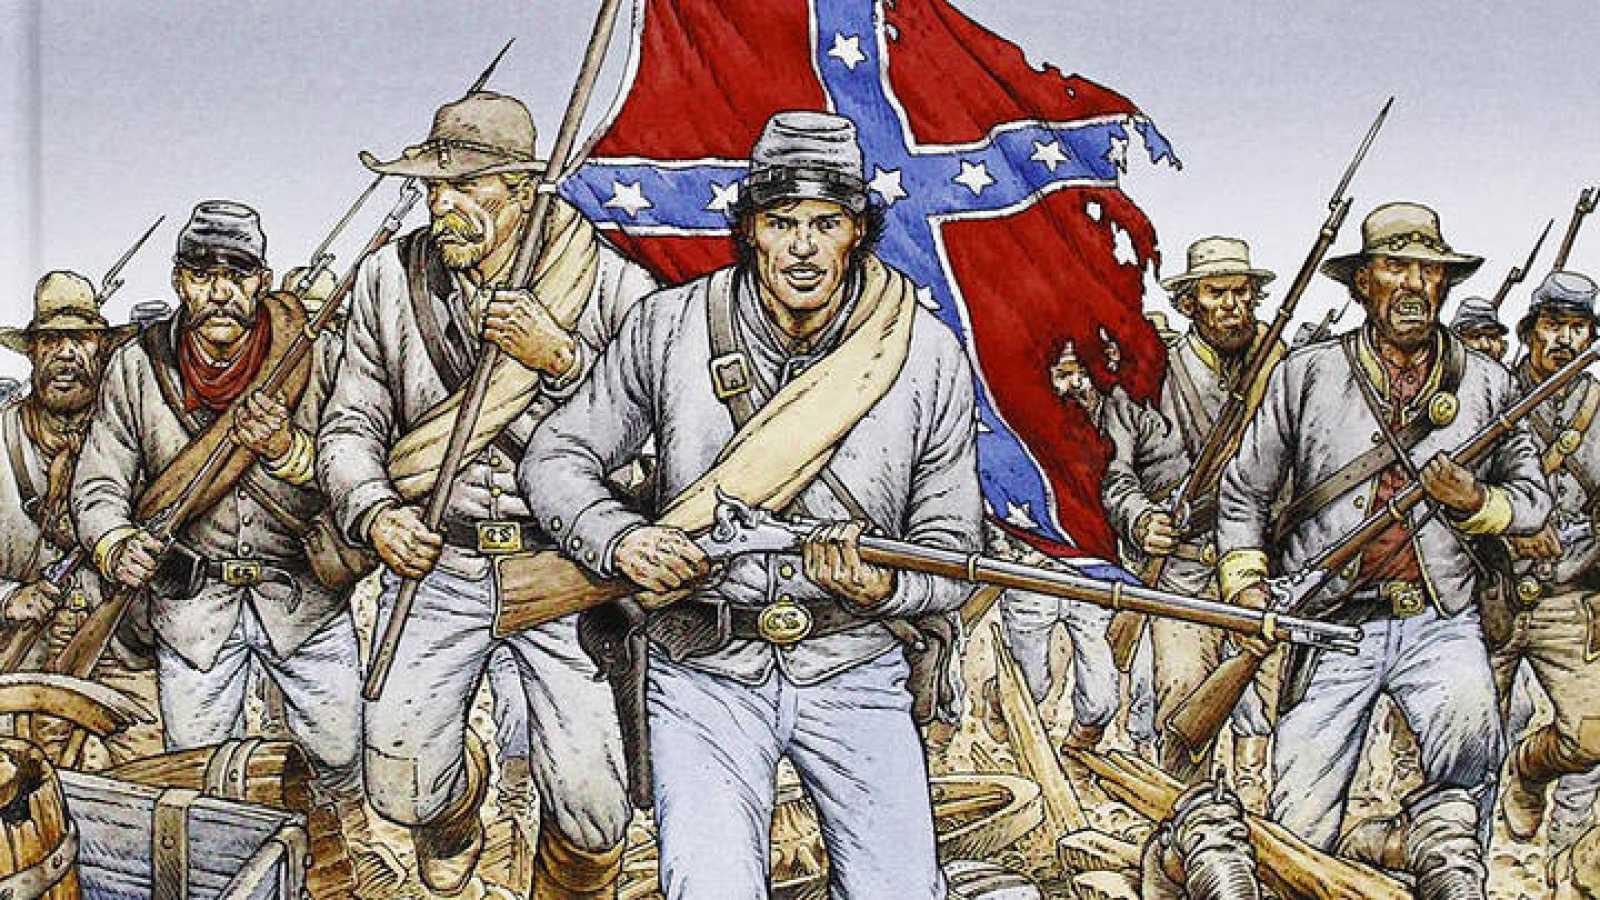 Fragmento de la portada de 'La juventud de Blueberry: Gettysburg'